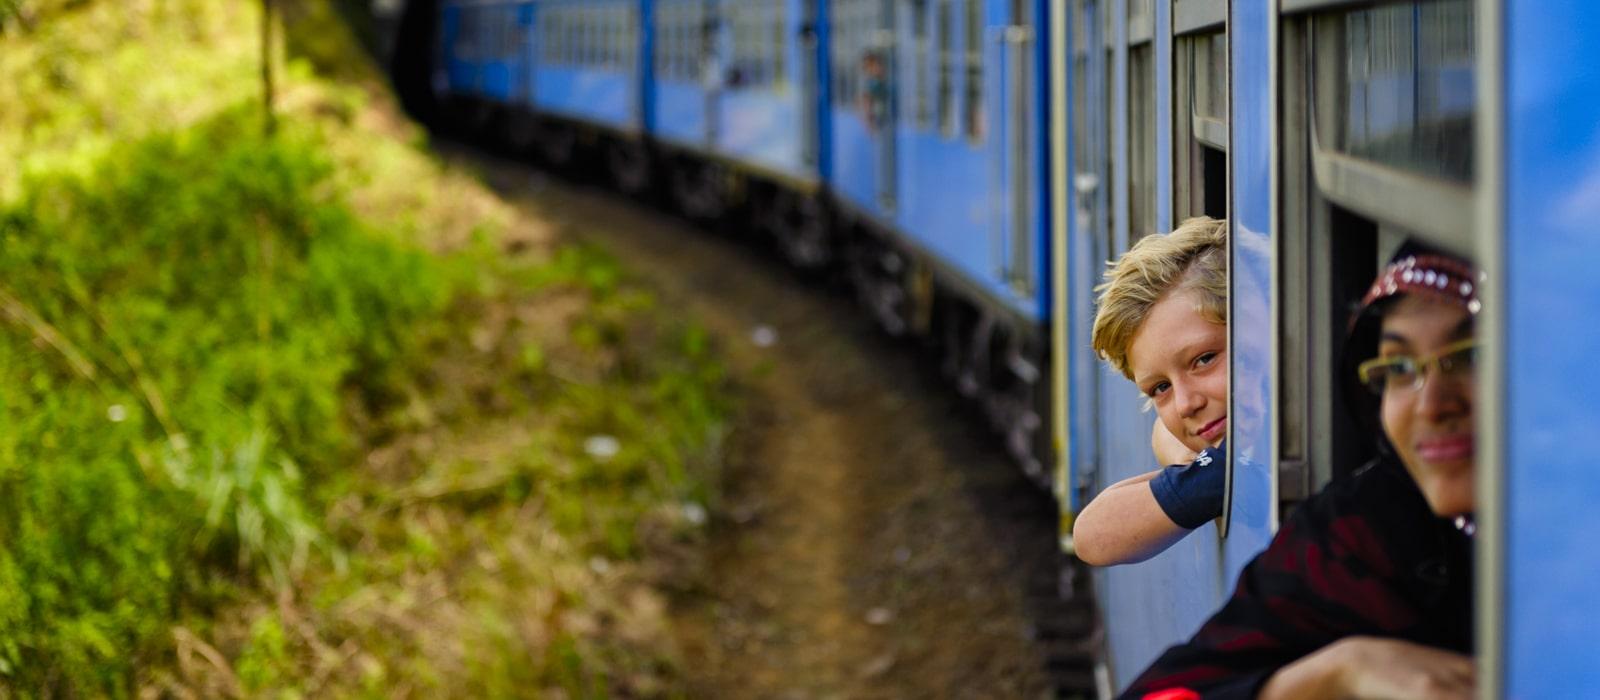 img-diapo-entete - Sri-Lanka-1600x700-9.jpg